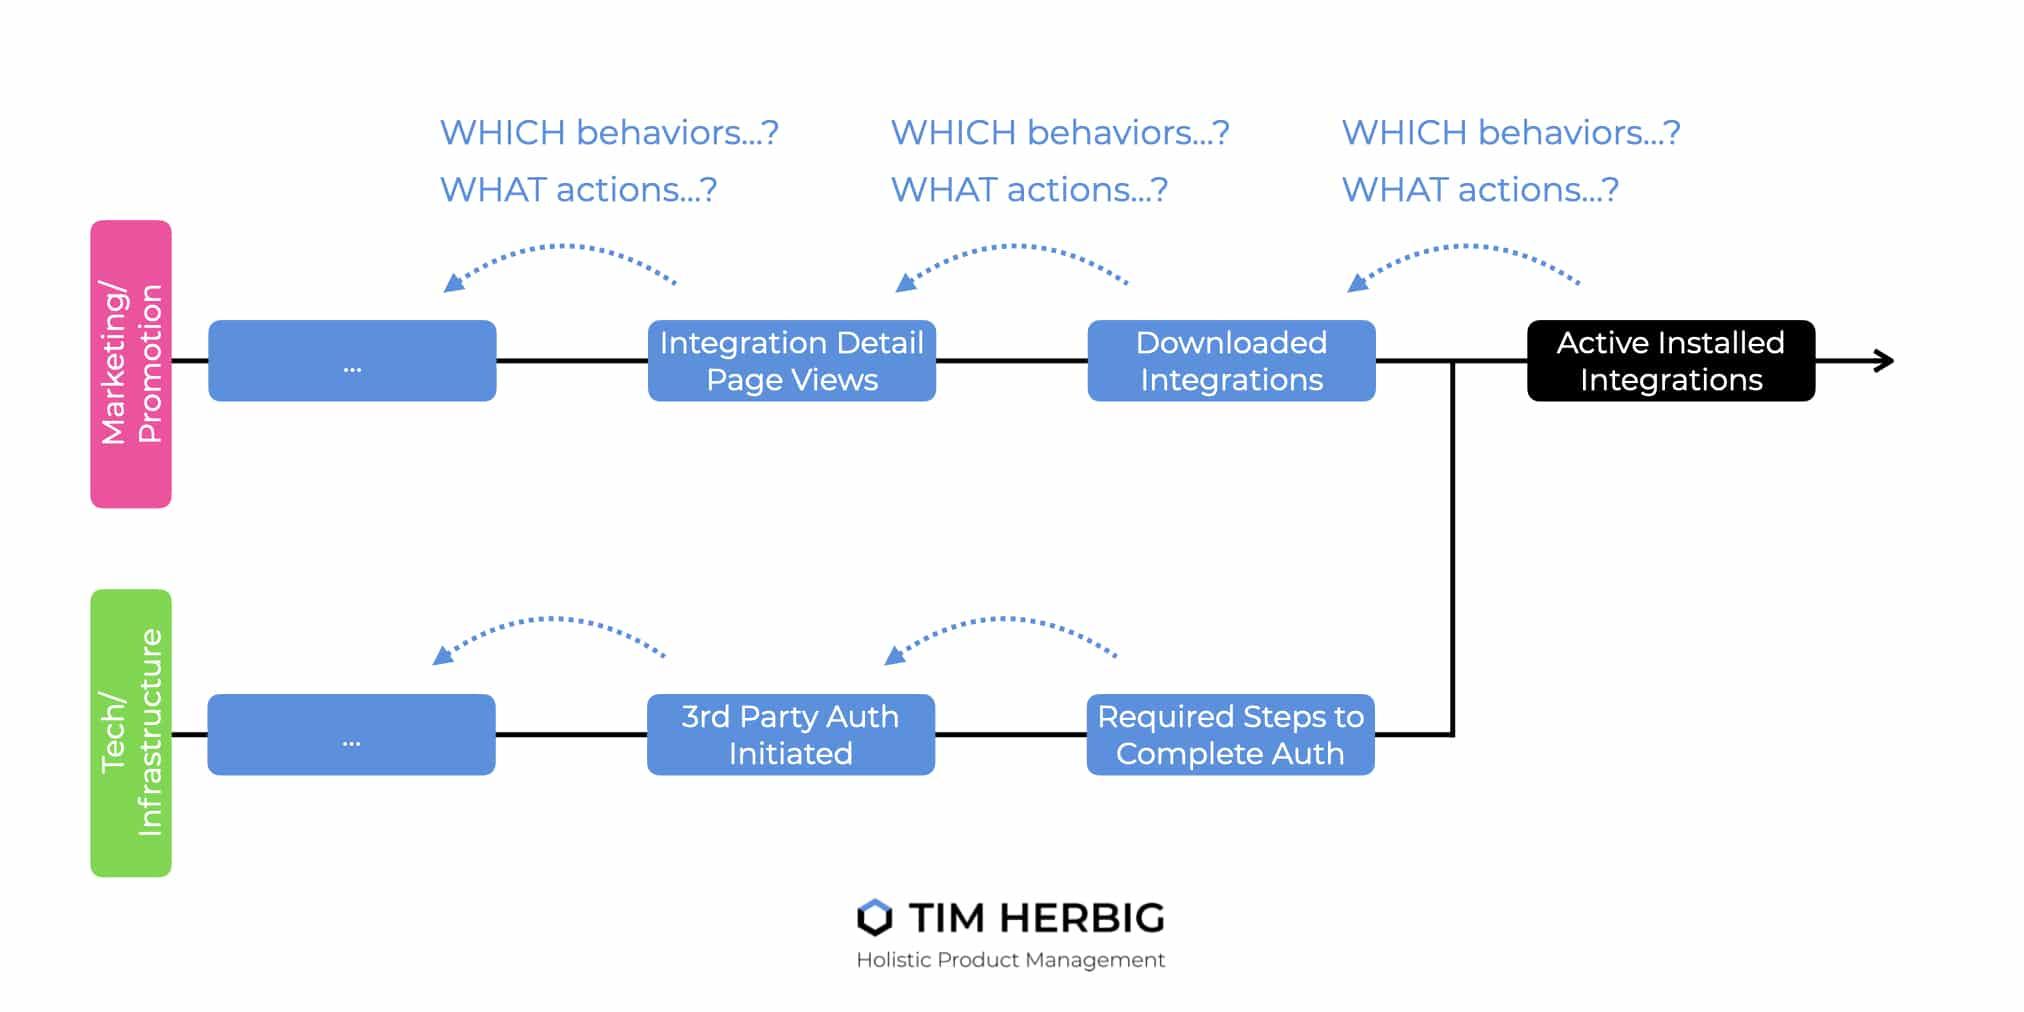 Working Backwards to identify Leading Indicators Example